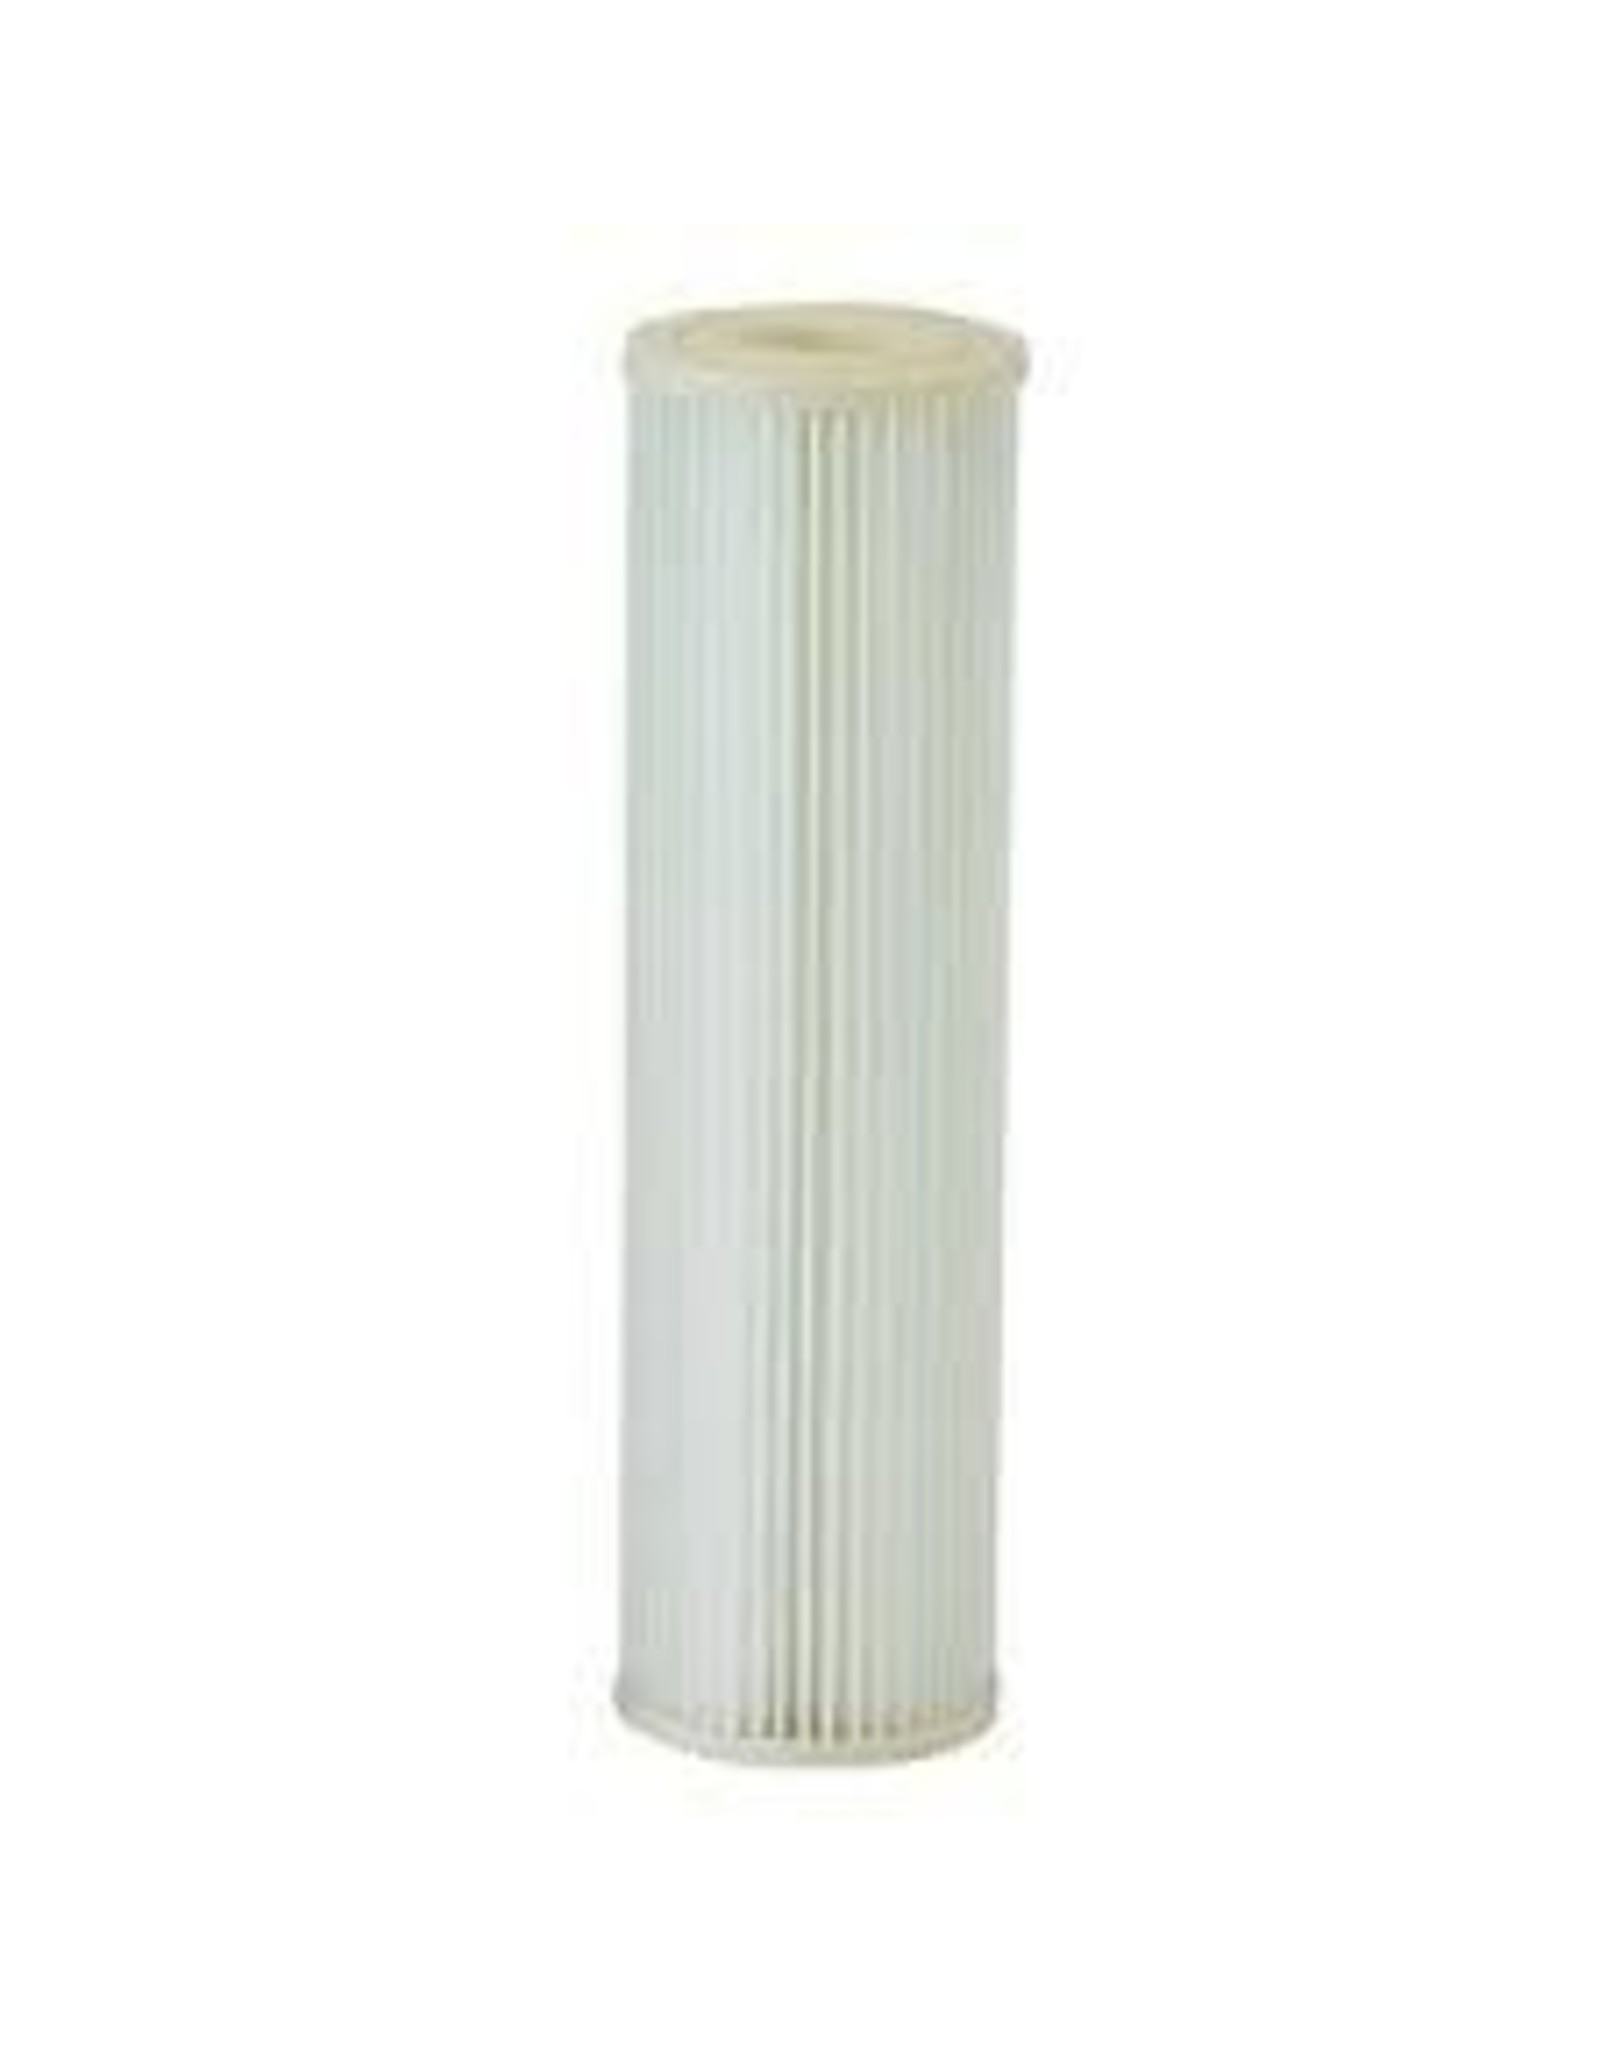 10'' Pleated Sediment Filter